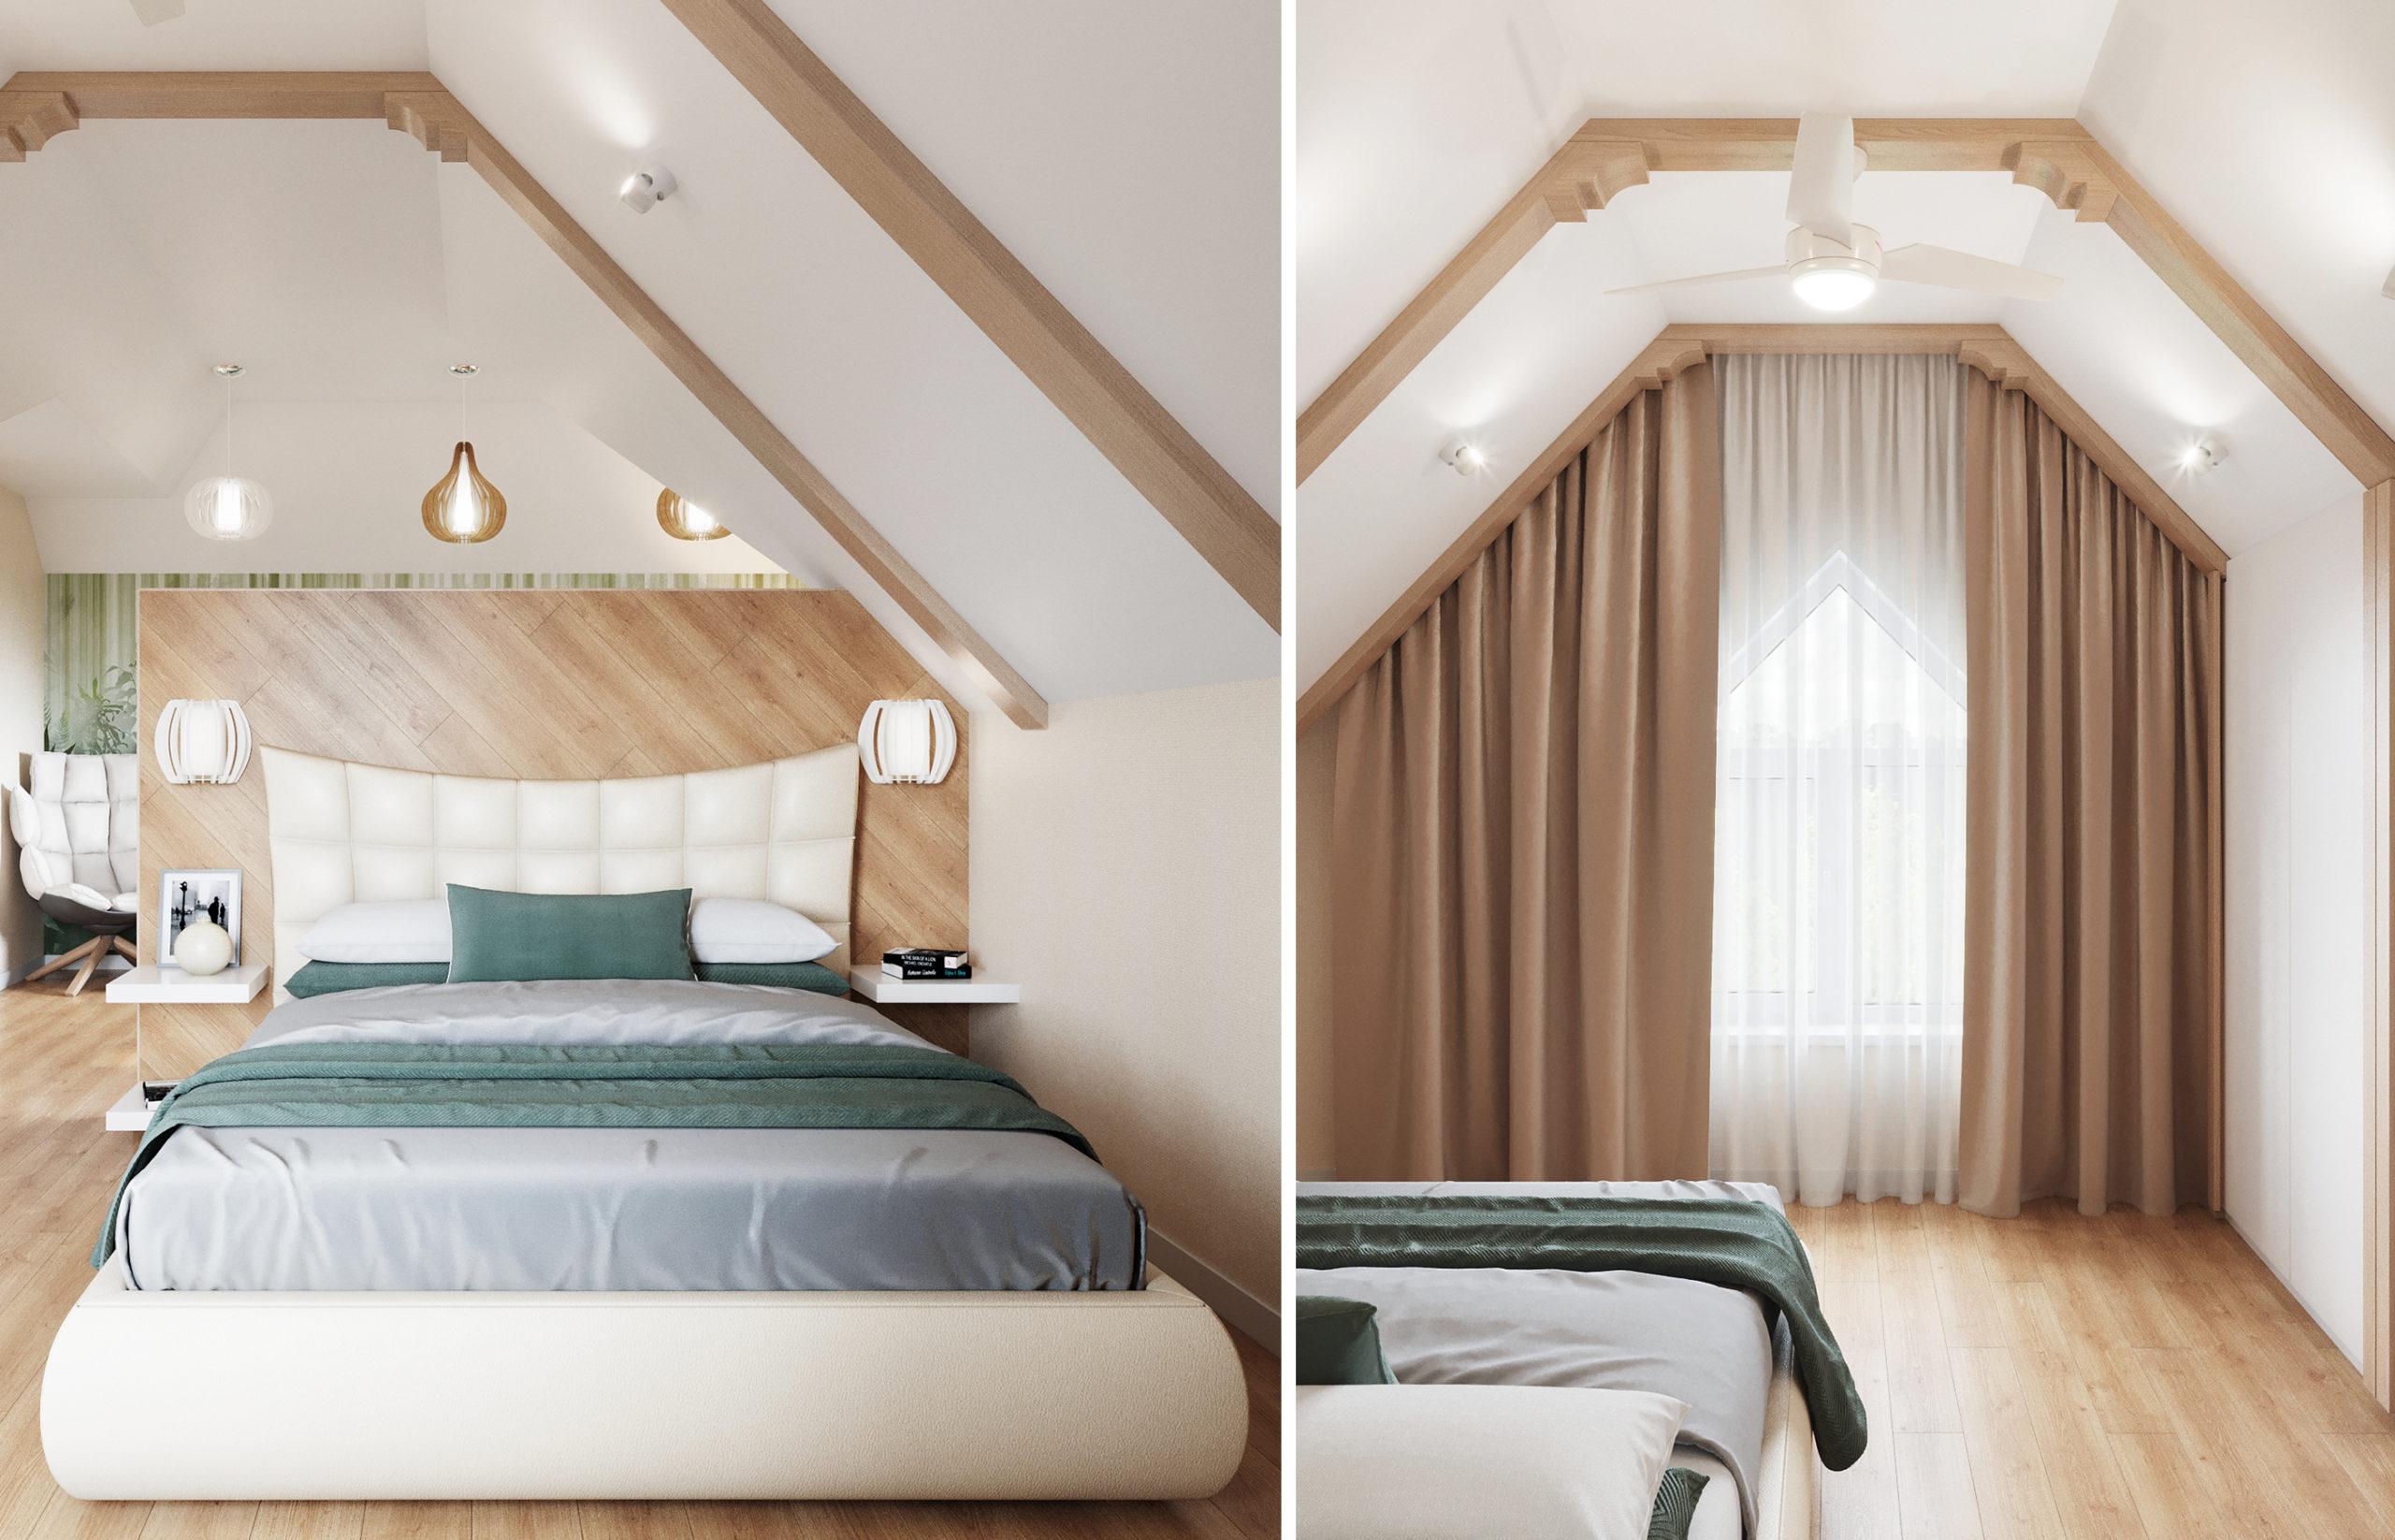 Дизайн интерьера спальни в стиле хюгге